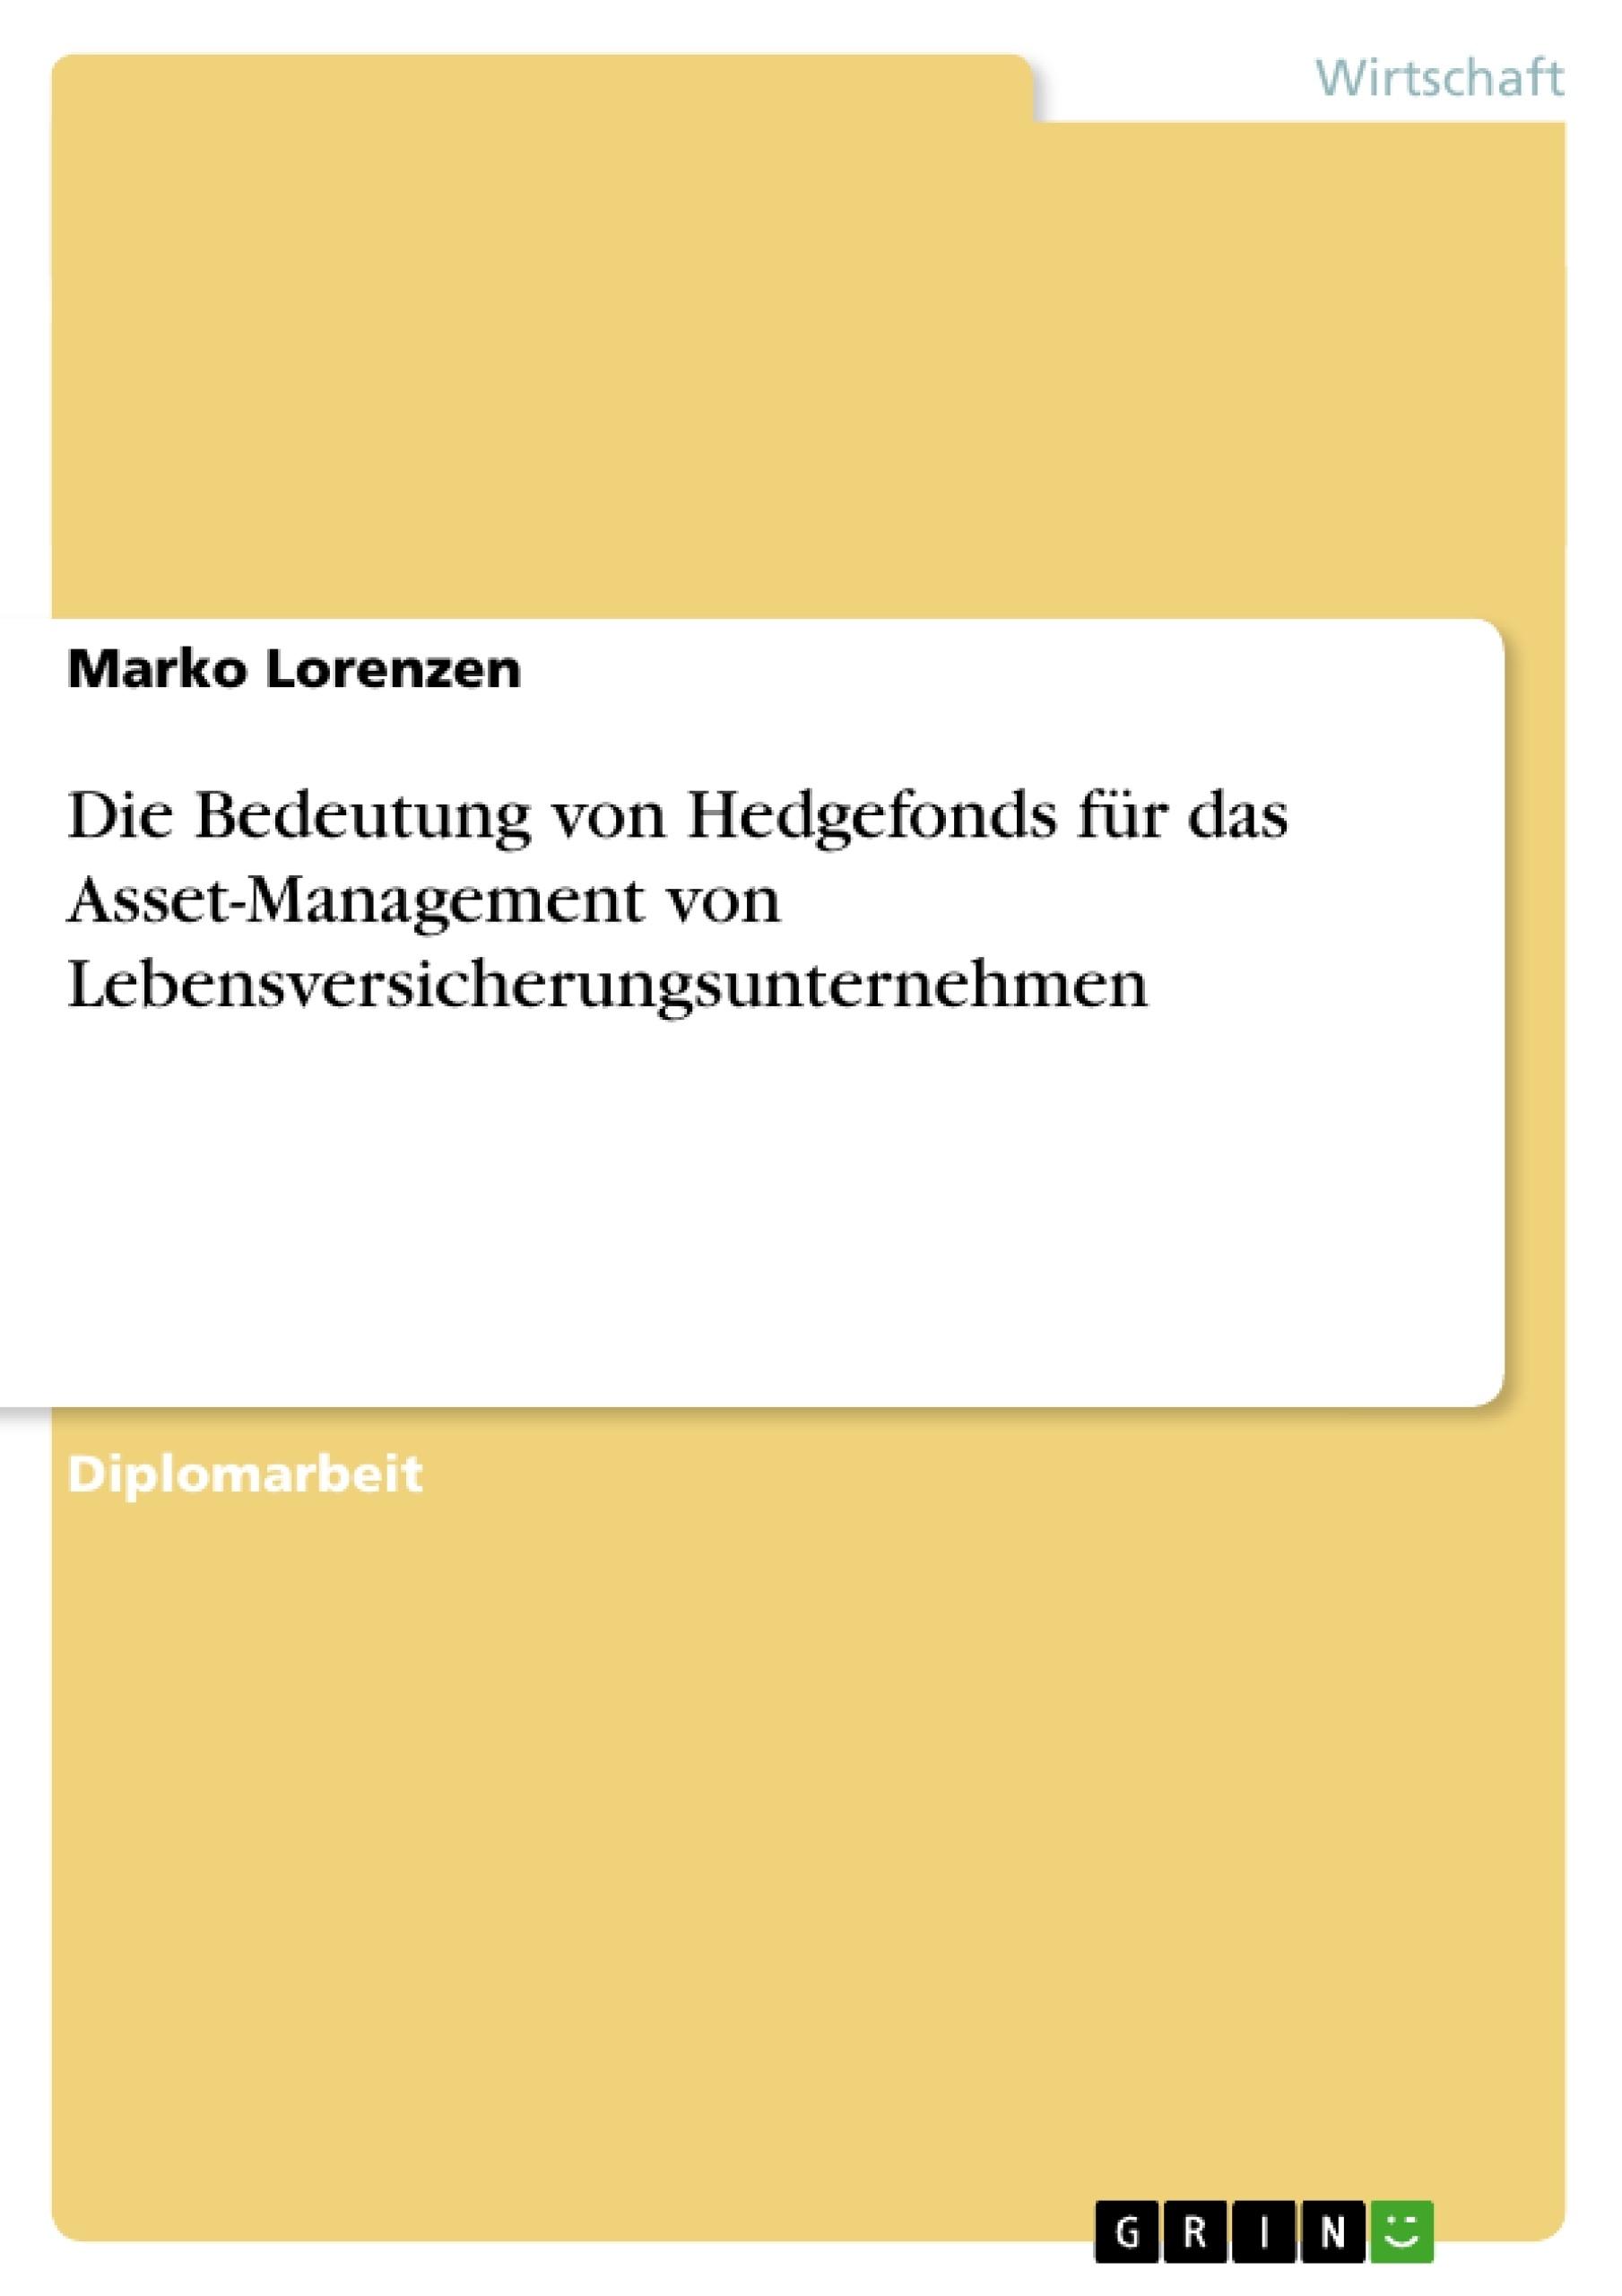 Titel: Die Bedeutung von Hedgefonds für das Asset-Management von Lebensversicherungsunternehmen